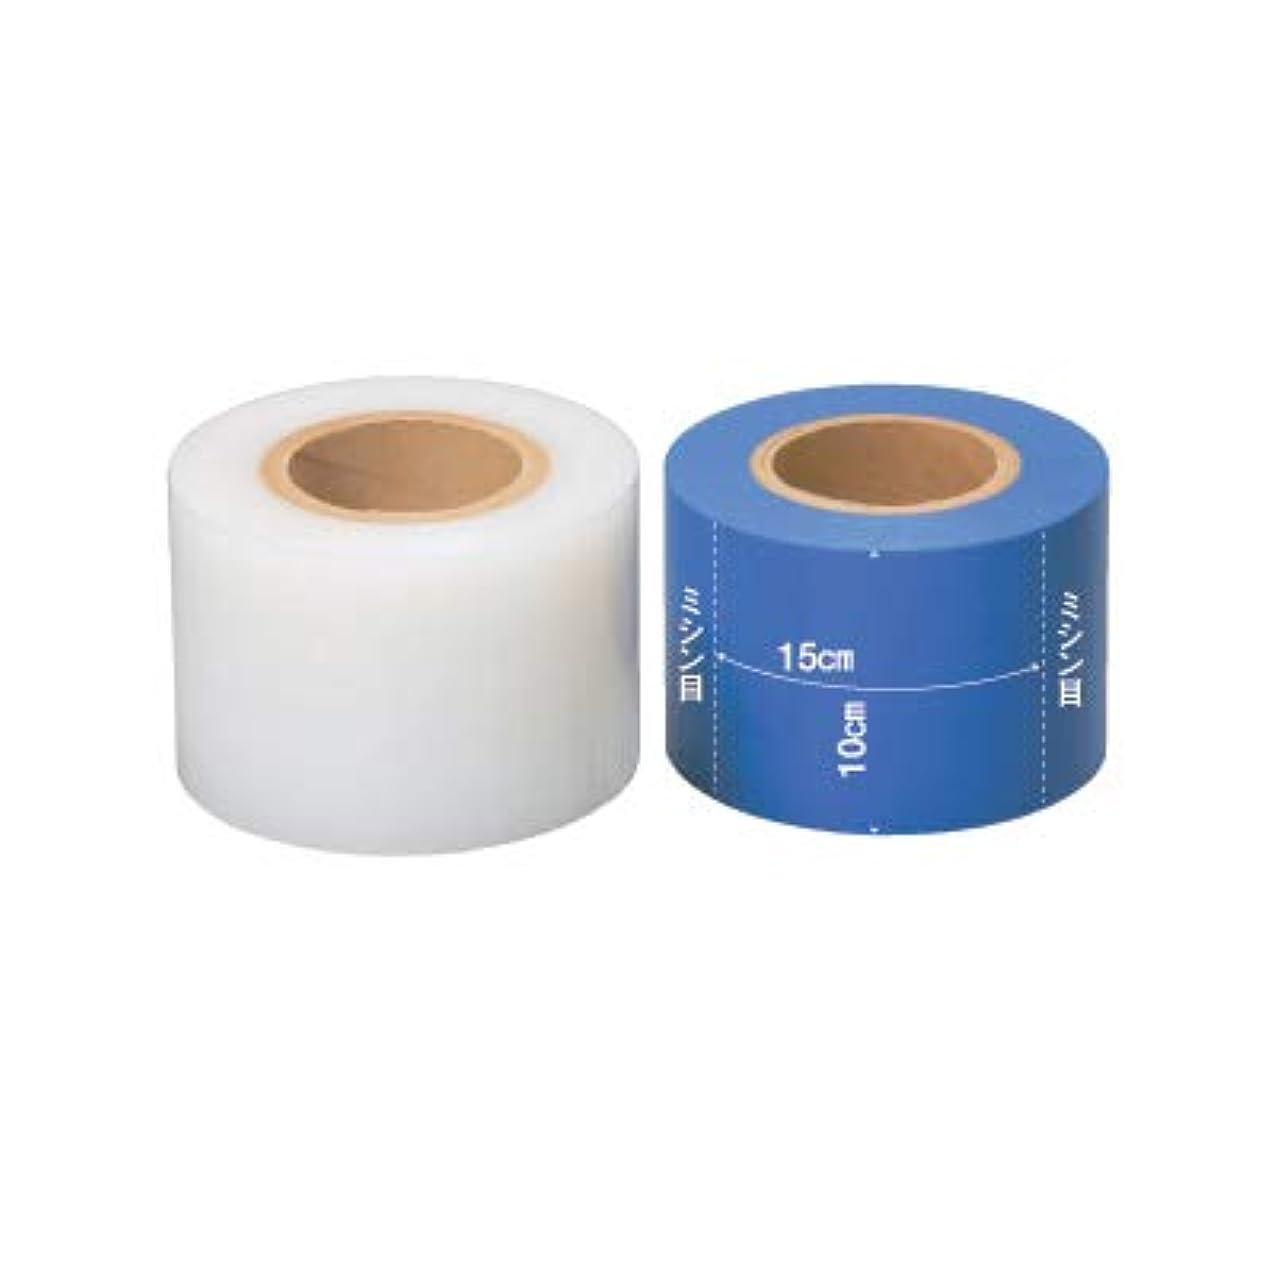 ジェットぼかしパパ(ロータス)LOTUS バリアフィルムテープ 10cm×180m (保護用テープ ミシン目あり) (ブルー)